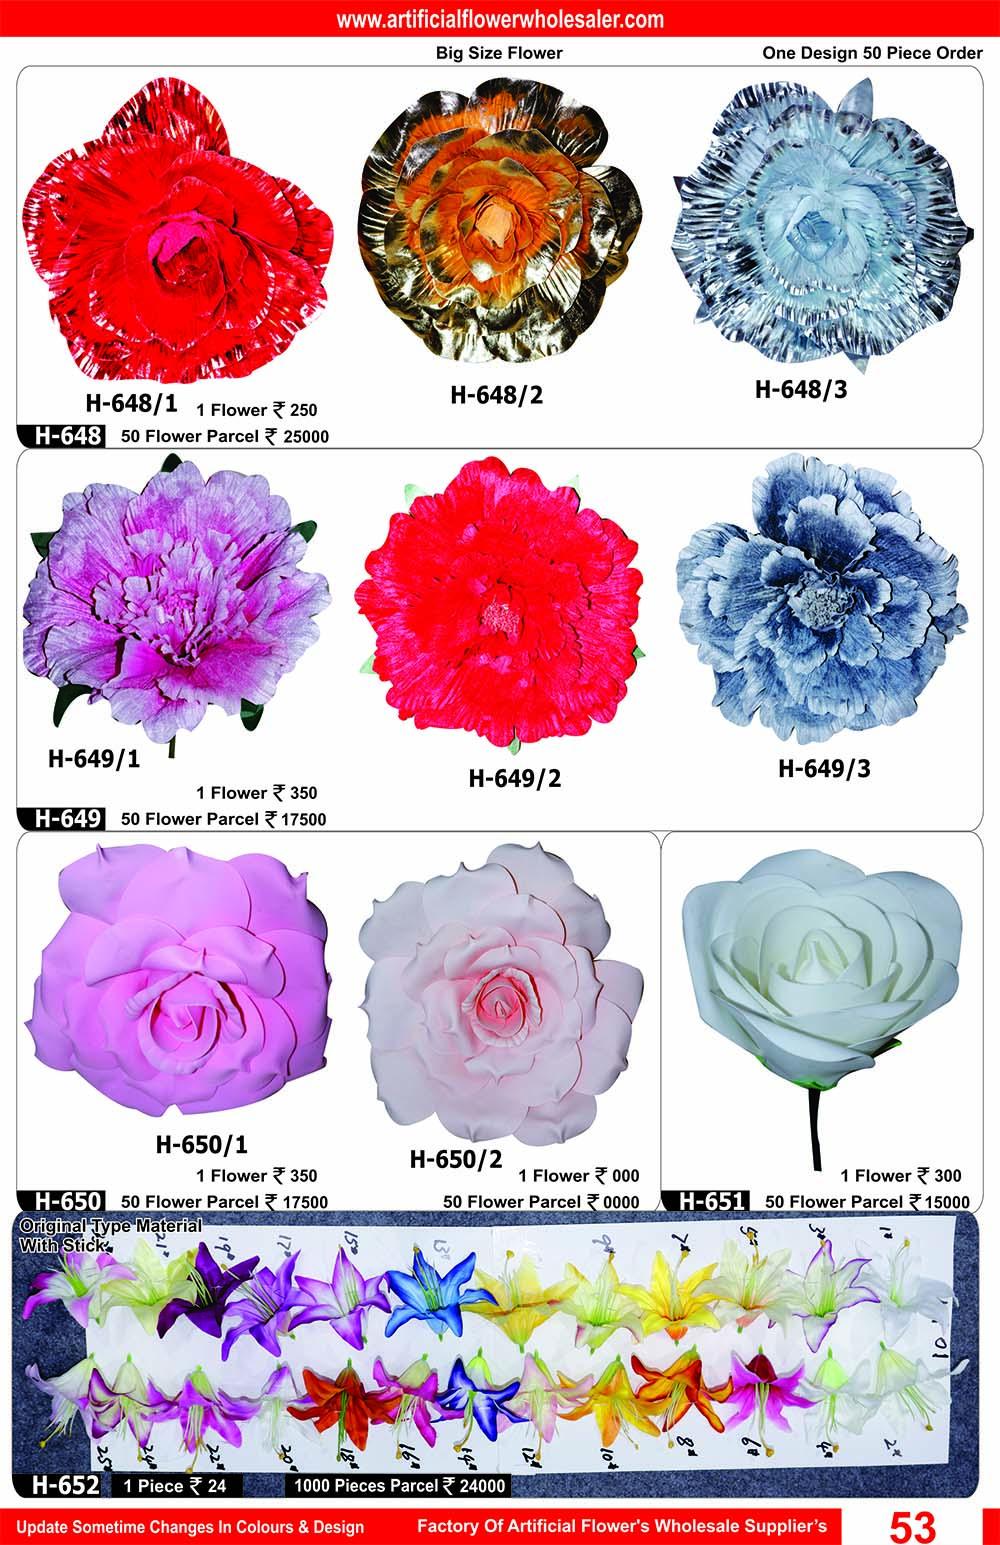 53-artificial-flower-wholesaler